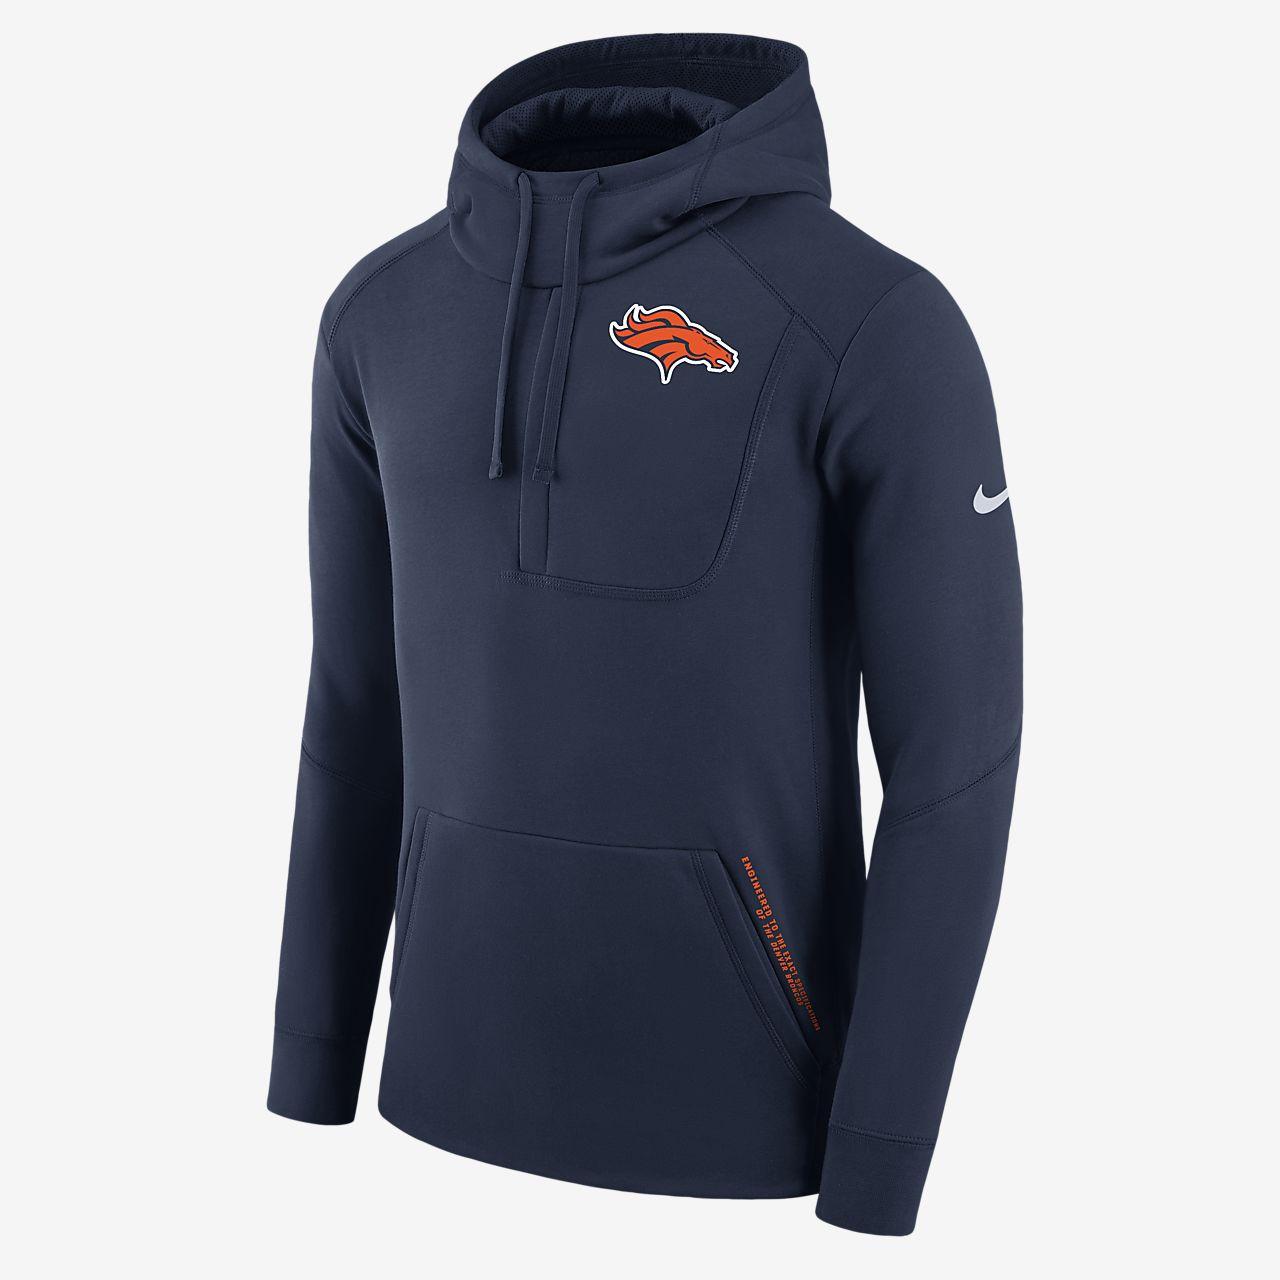 1c7d98f7ae Sweat à capuche Nike Fly Fleece (NFL Broncos) pour Homme. Nike.com FR